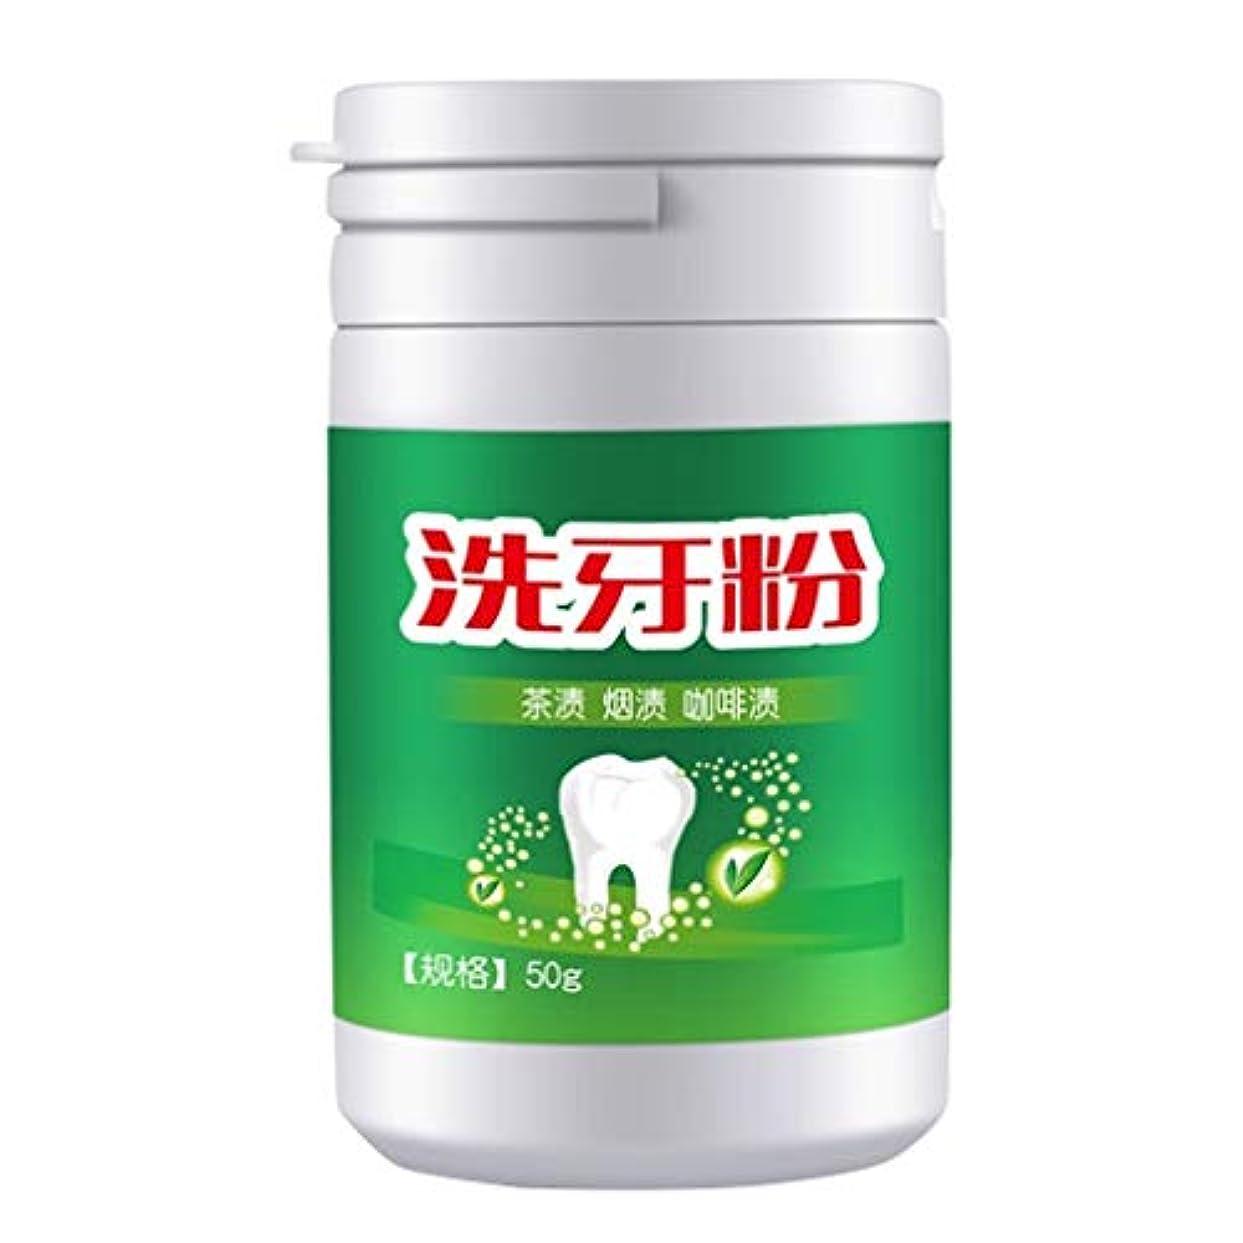 ワゴン慈悲布KOROWA 歯磨き粉 ステイン リムーバー 口腔衛生 ヘルス ケア ツール 喫煙を使用し 毎日イエロー ホワイトニング パウダープラーク